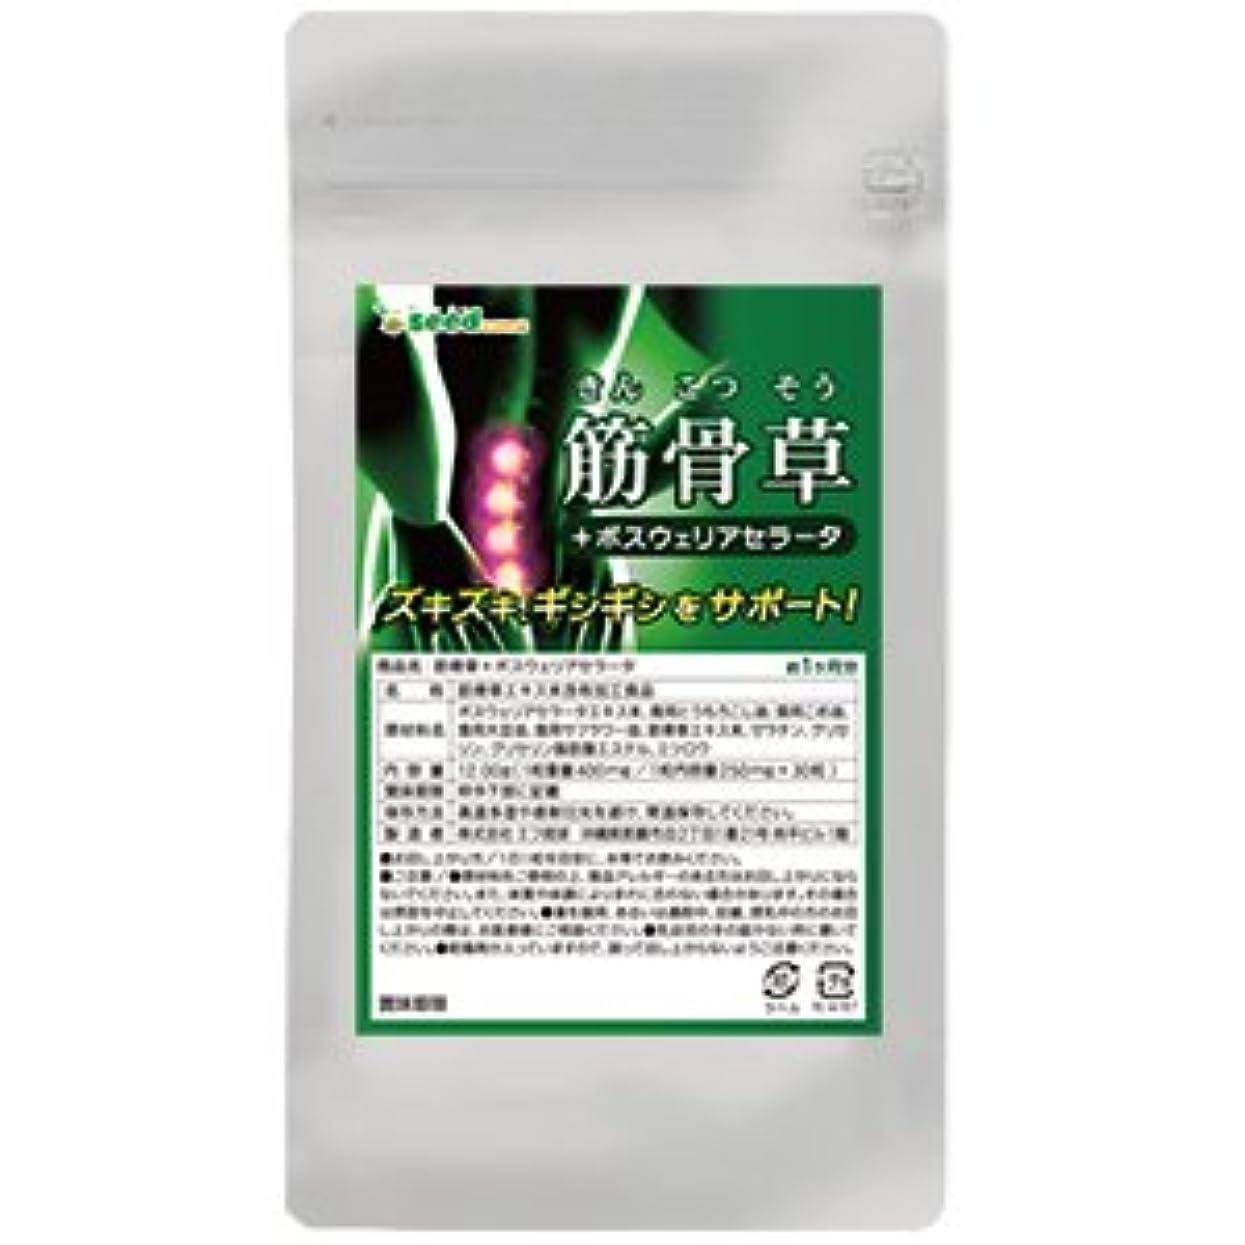 品種インデックス高速道路筋骨草 + ボスウェリアセラータ (約3ヶ月分/90粒)